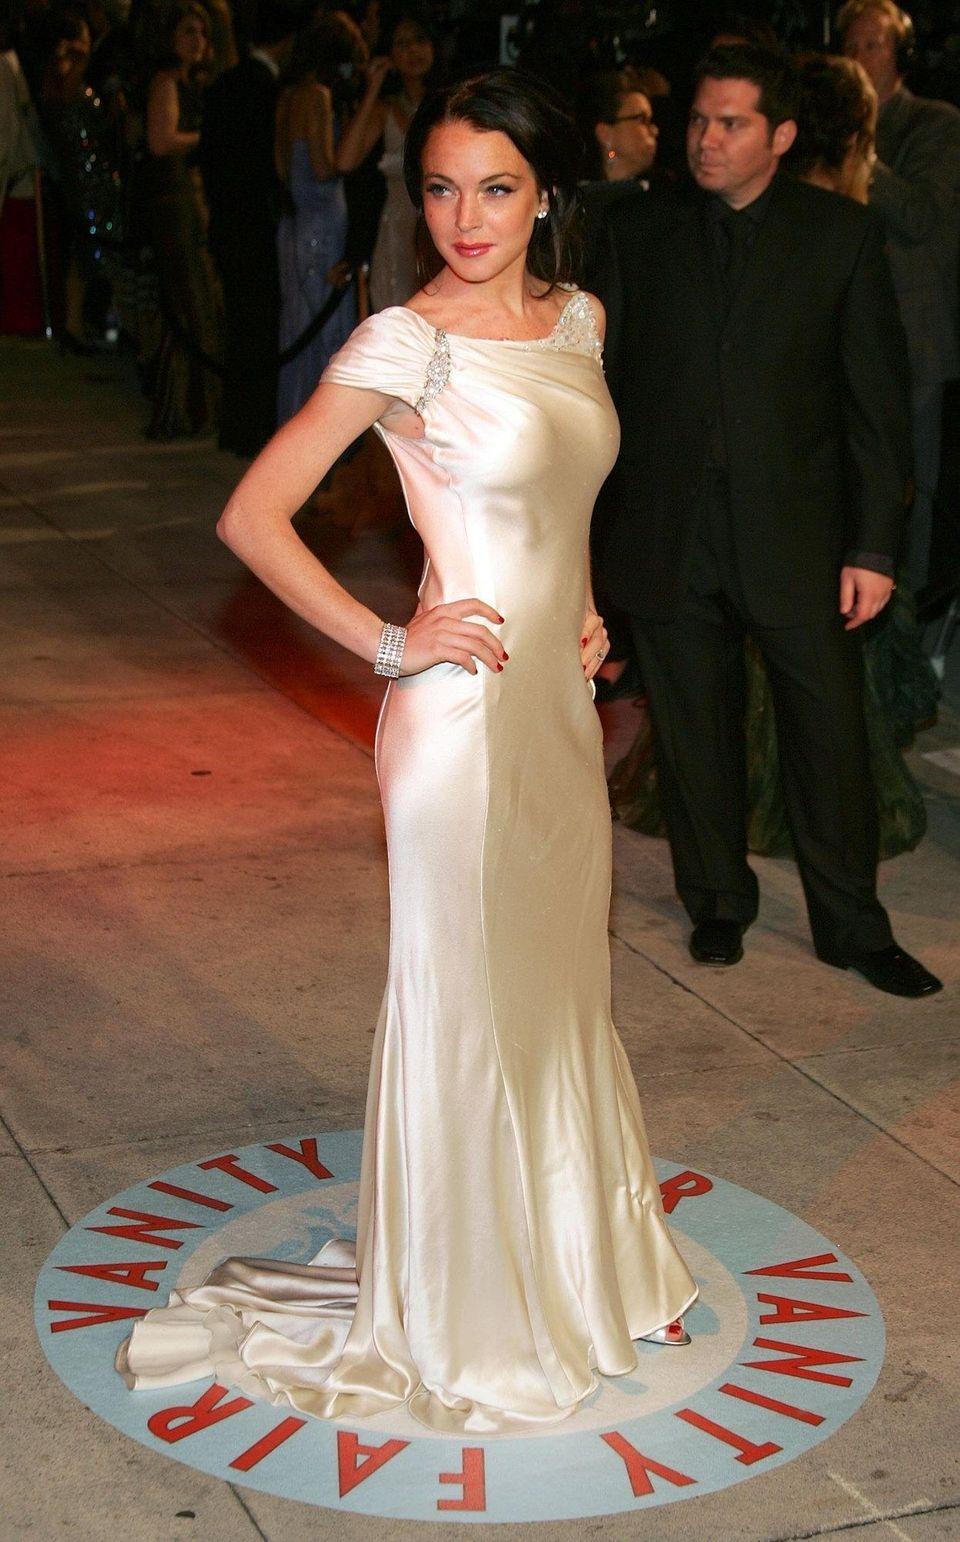 Lindsay Lohan arrives for the Vanity Fair Oscar